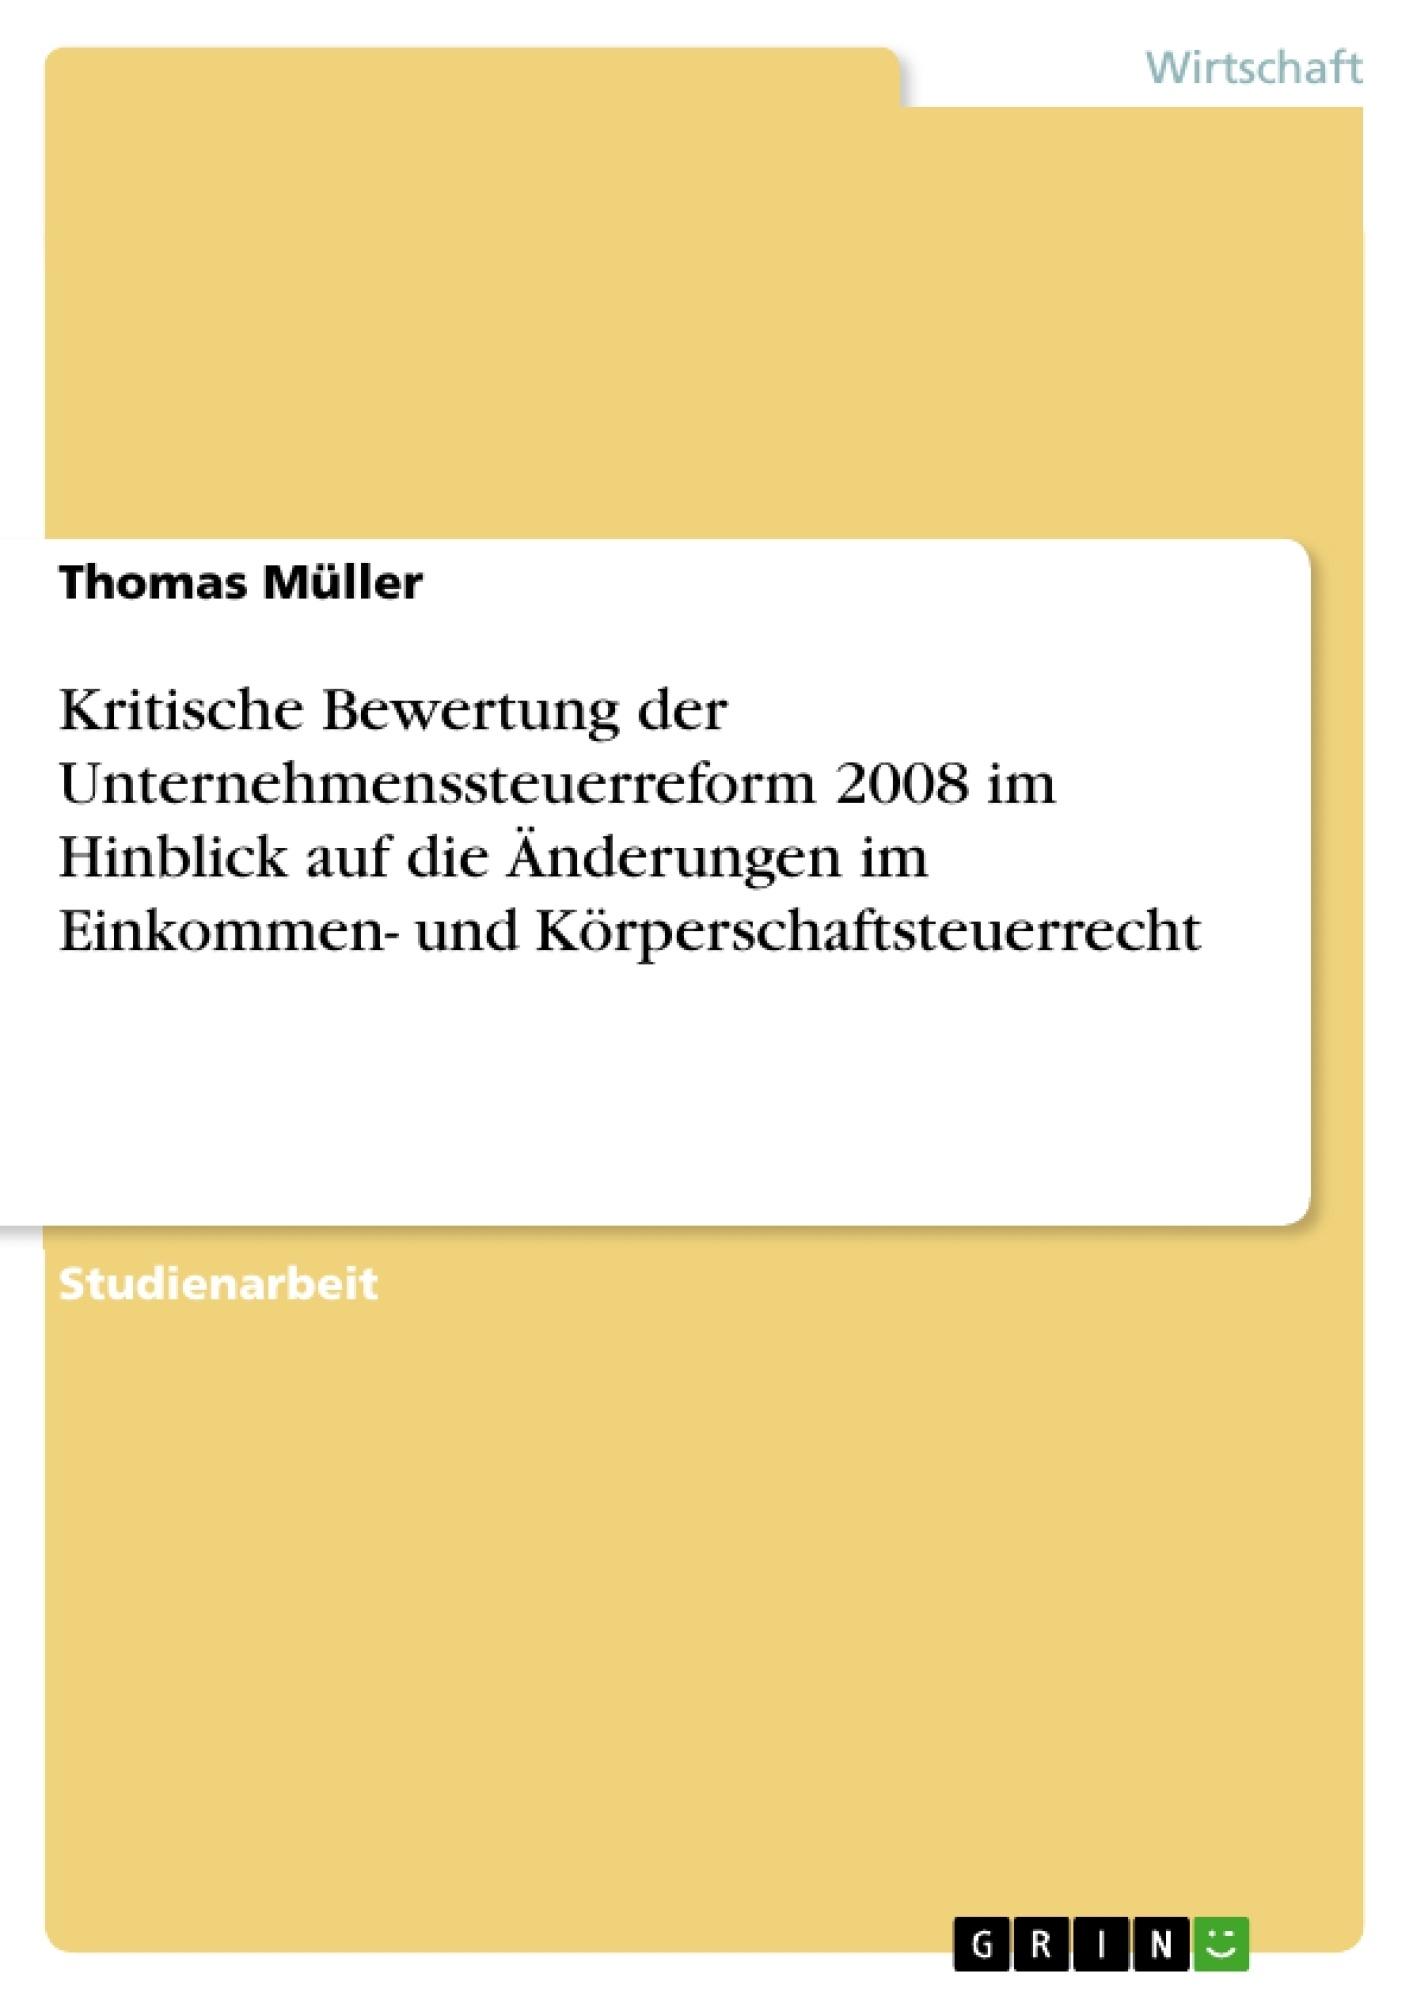 Titel: Kritische Bewertung der Unternehmenssteuerreform 2008 im Hinblick auf die Änderungen im Einkommen- und Körperschaftsteuerrecht